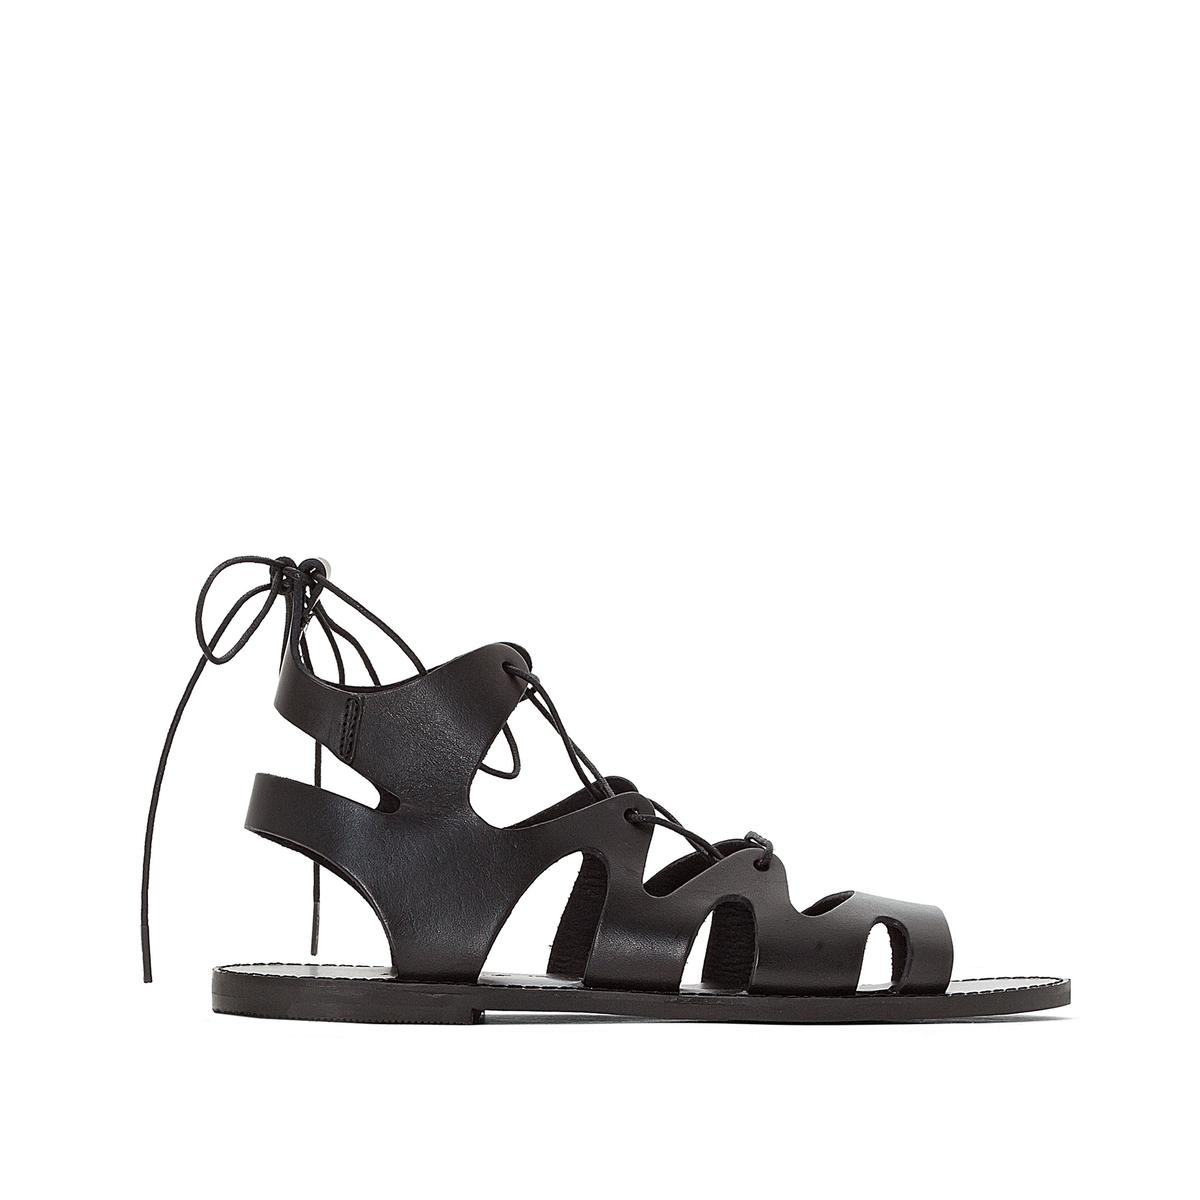 Босоножки кожаные высокие AlixВерх : кожа       Подкладка : кожа       Стелька : кожа       Подошва : эластомер       Форма каблука : плоский каблук       Мысок : закругленный мысок       Застежка : шнуровка<br><br>Цвет: черный<br>Размер: 37.38